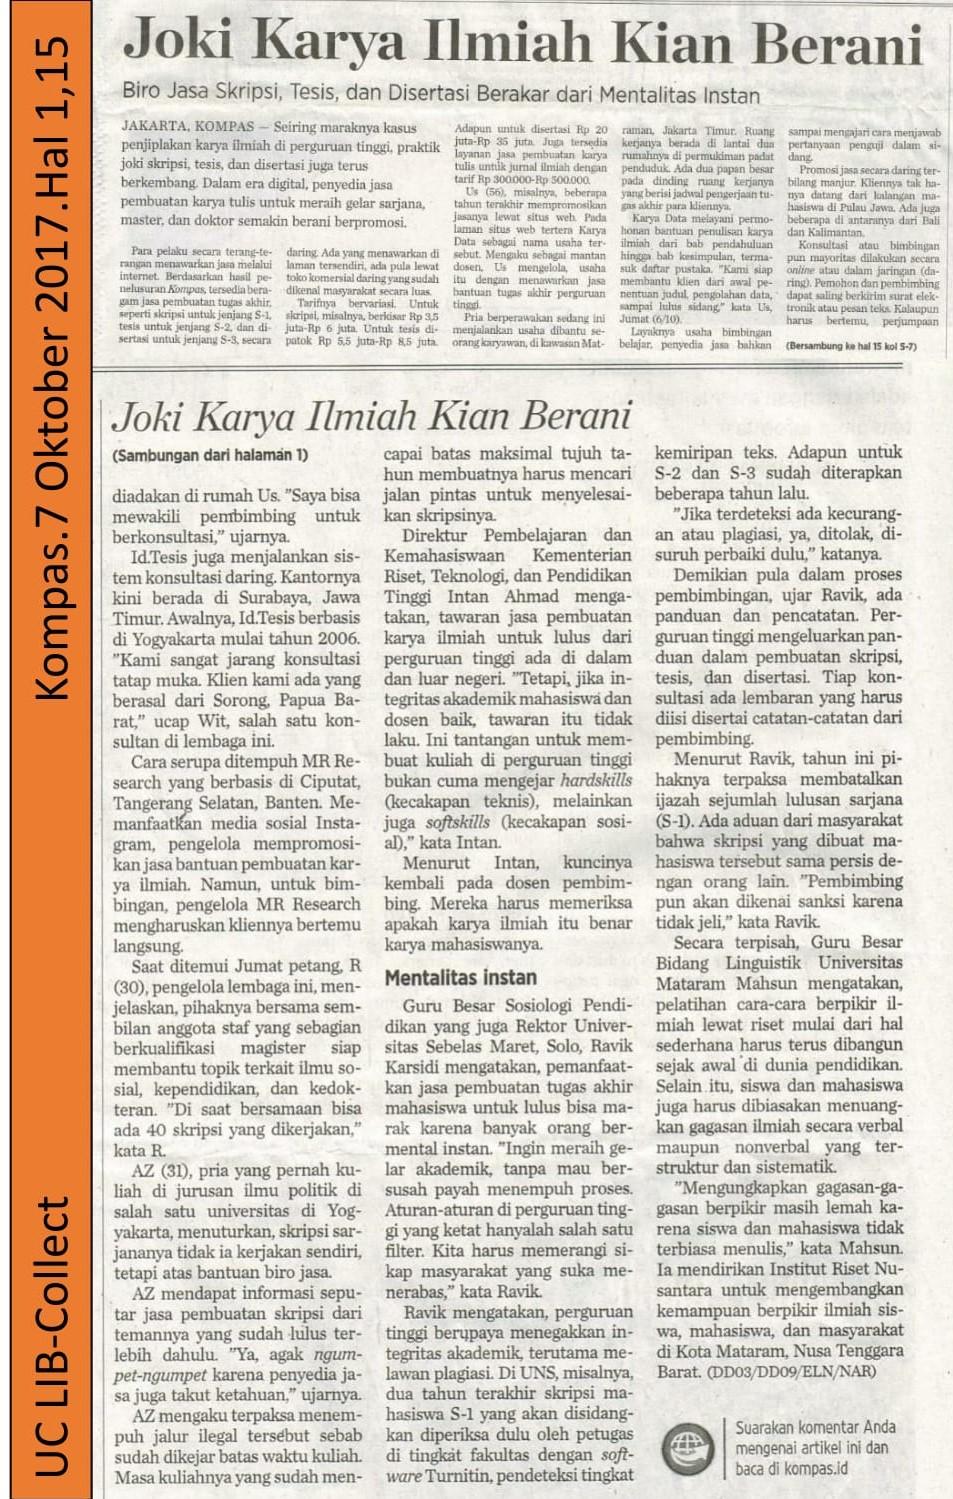 Joki Karya Ilmiah Kian Berani. Kompas.7 Oktober 2017.Hal 1,15